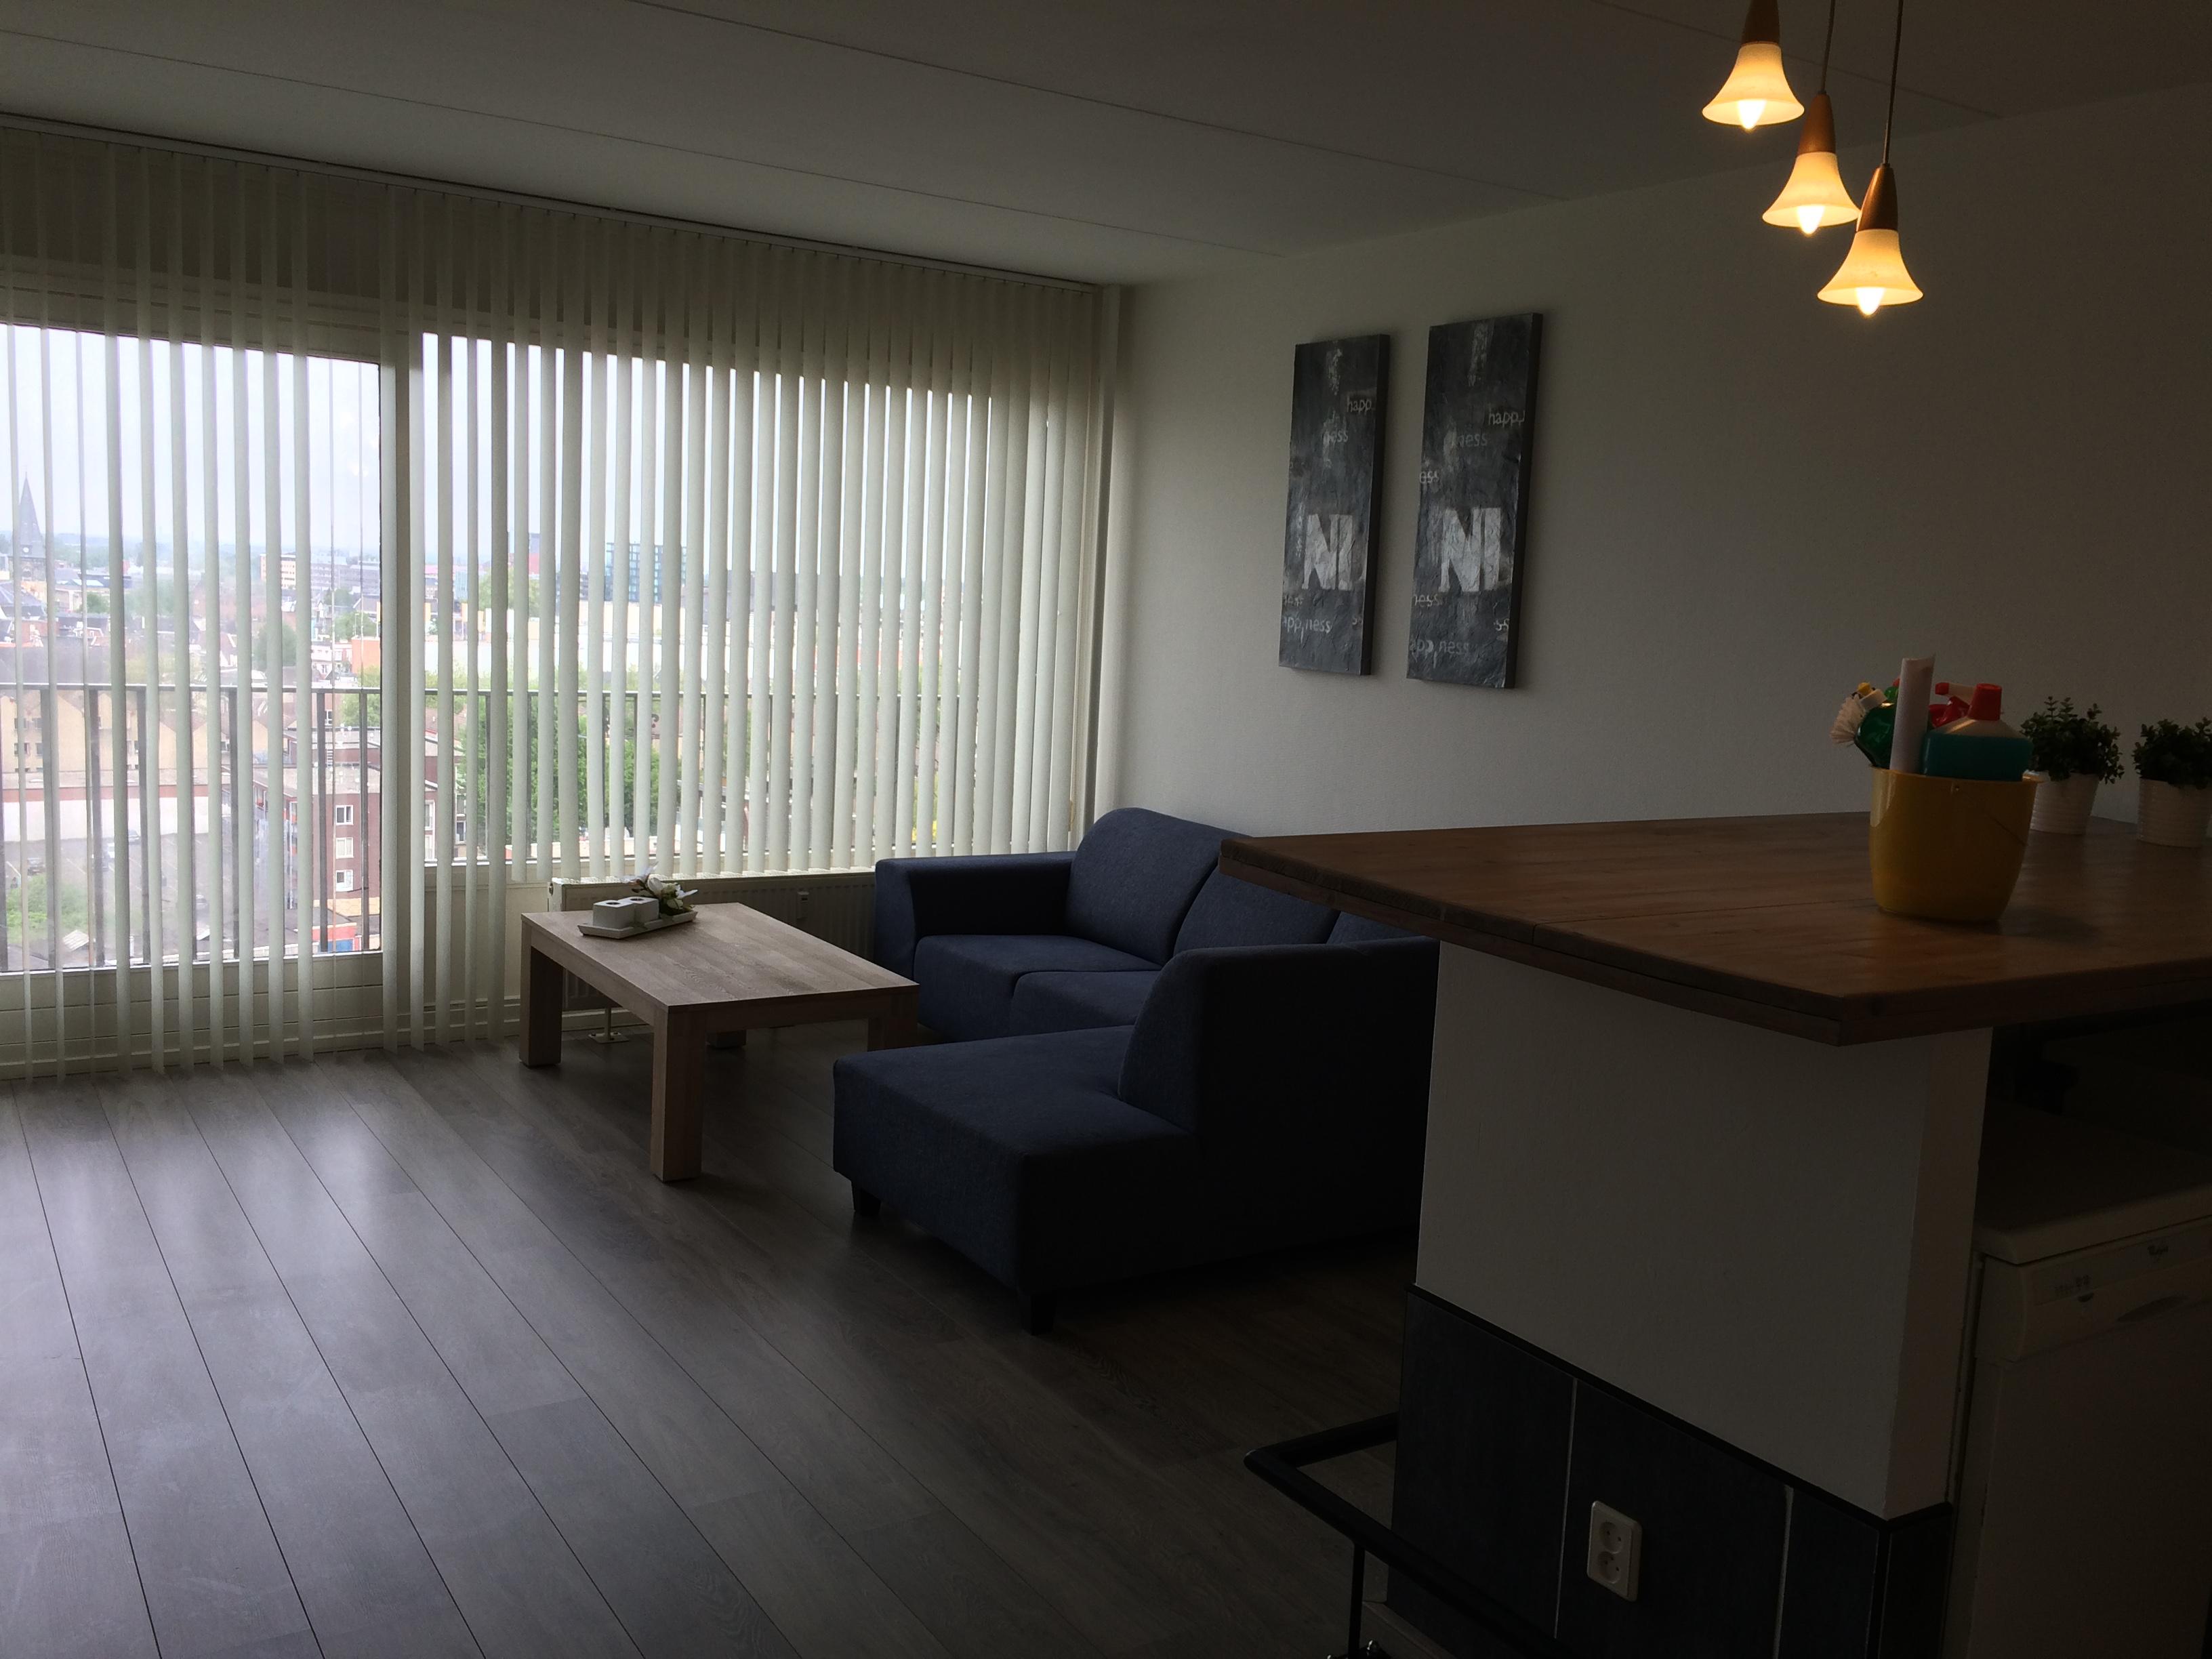 Te Huur - 2031 - Prachtig twee kamer appartement in het centrum ...